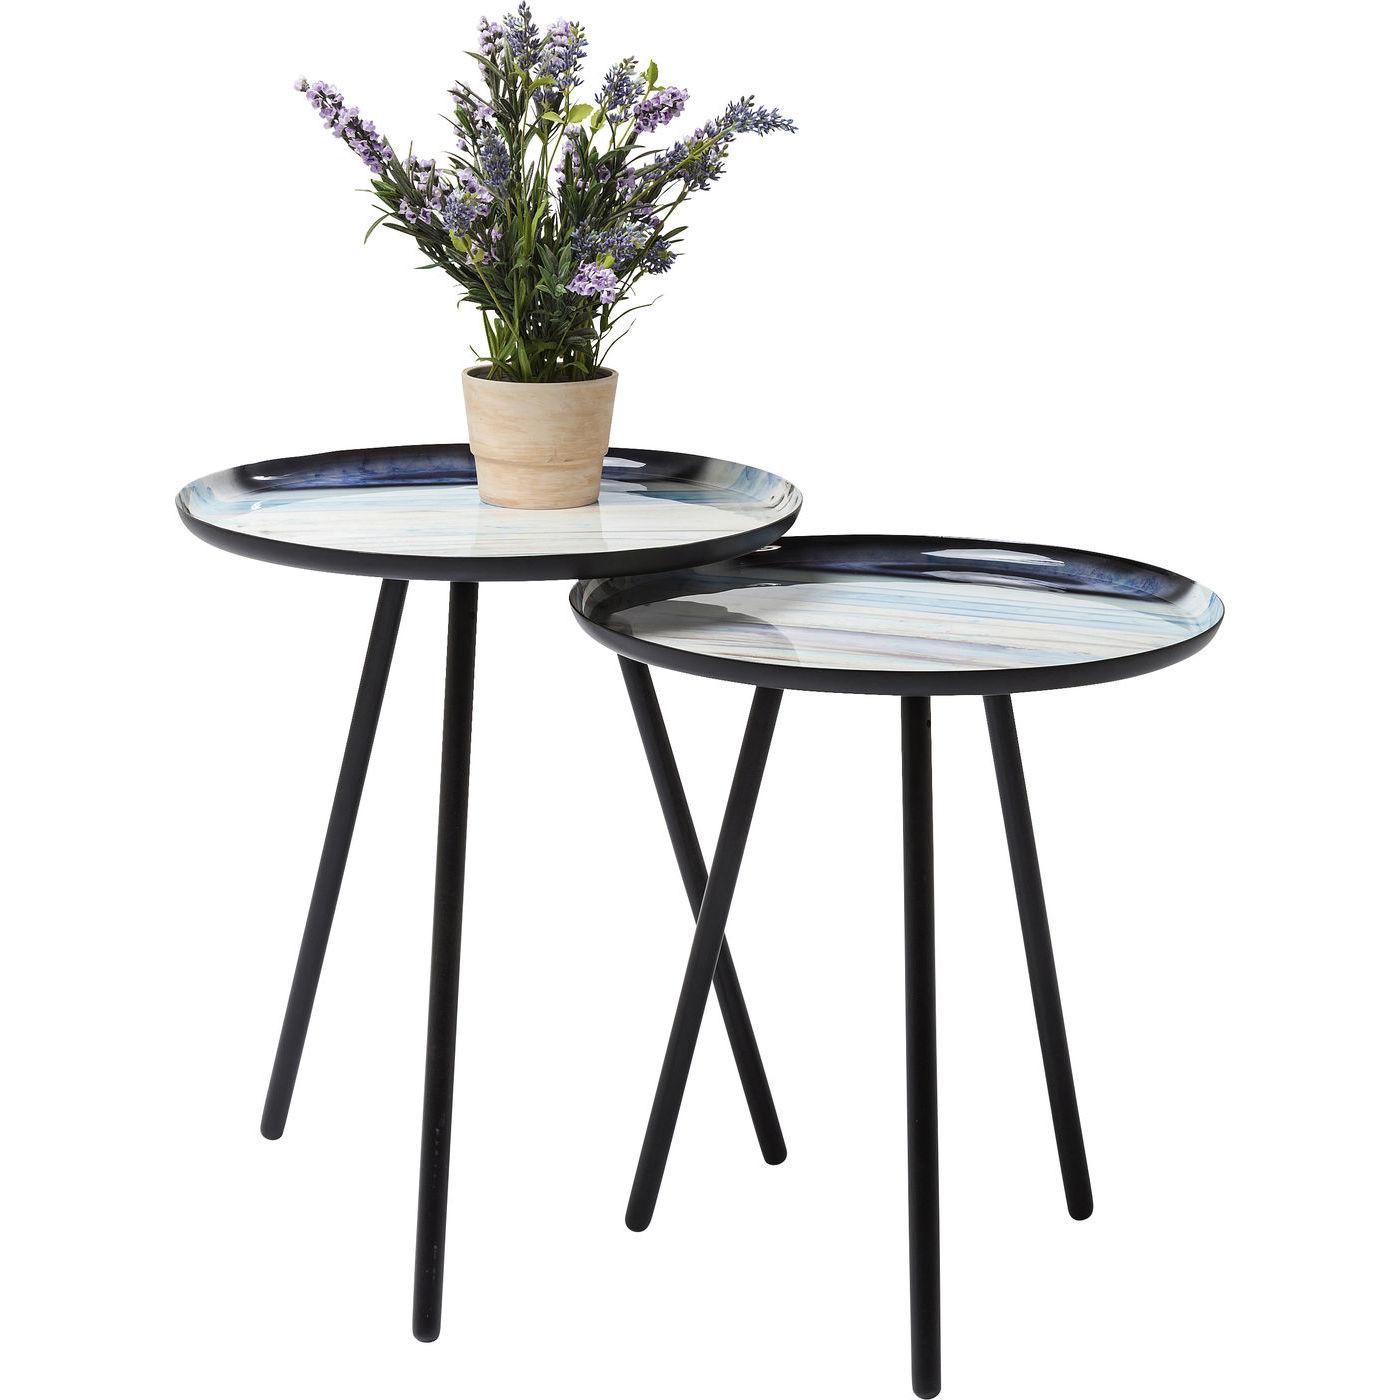 beistelltisch mancha 40cm 2 set kare design mutoni m bel. Black Bedroom Furniture Sets. Home Design Ideas